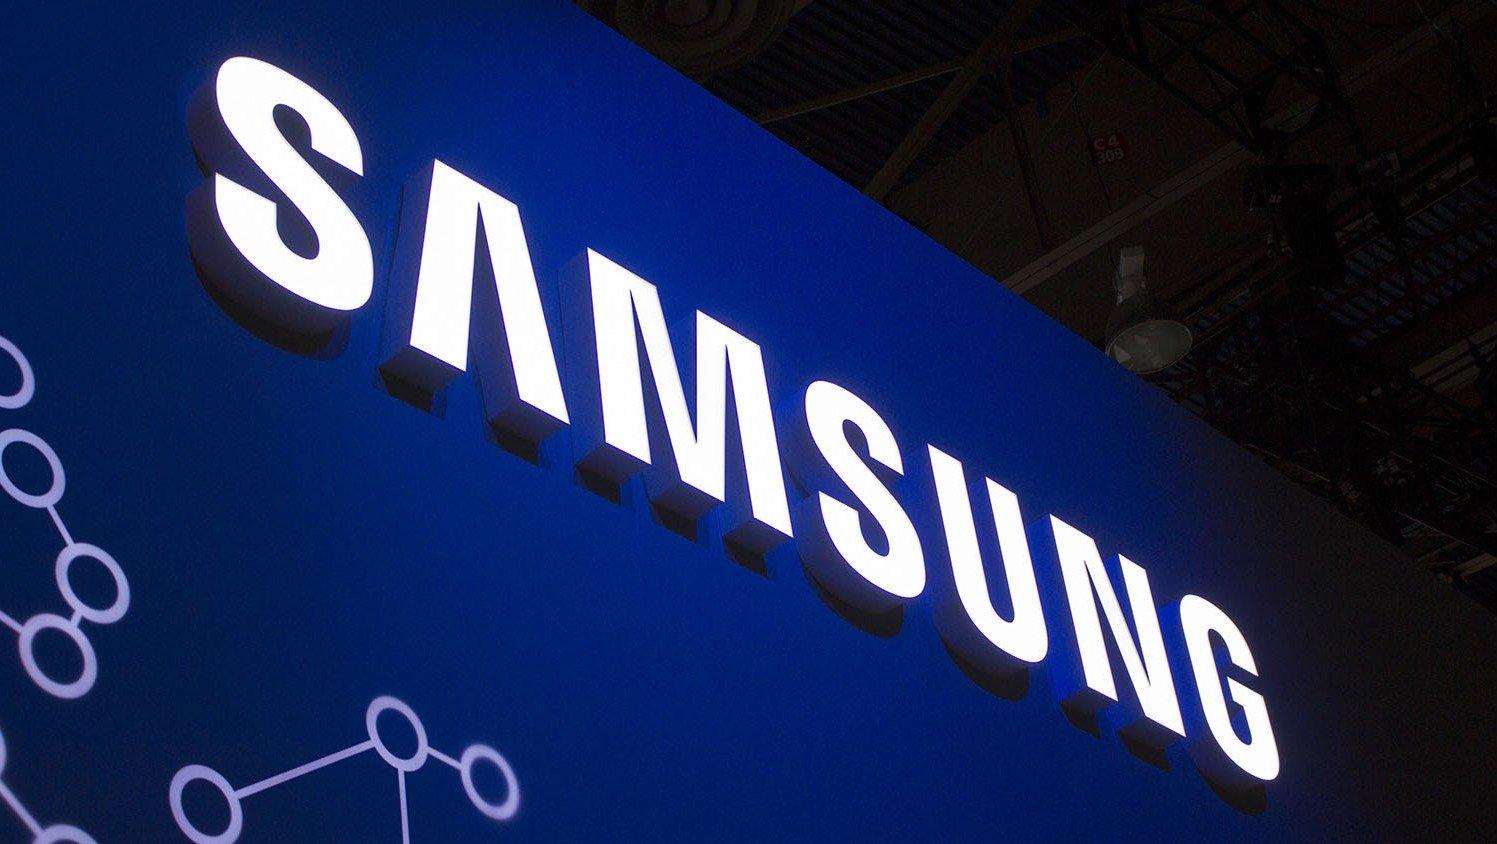 Samsung profiteert eerste kwartaal 2018